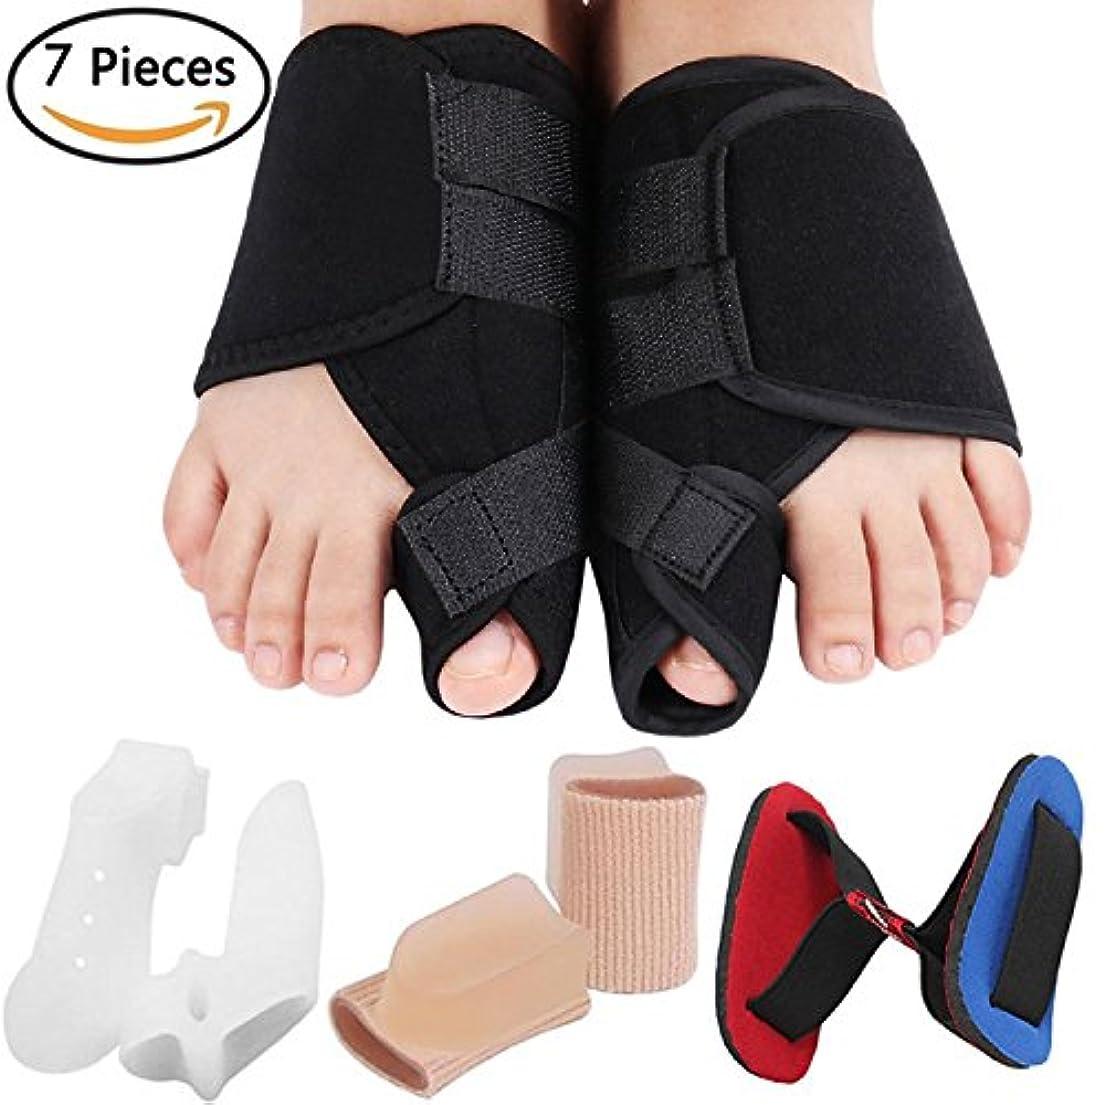 ペストリー歯常習者Bunion Corrector Bunion Relief Kit, Bunion Splint Toe Straightener Corrector for Hallux Valgus, Big Toe Joint, Hammer Toes, Splint Aid Surgery Treatment for Women and Men